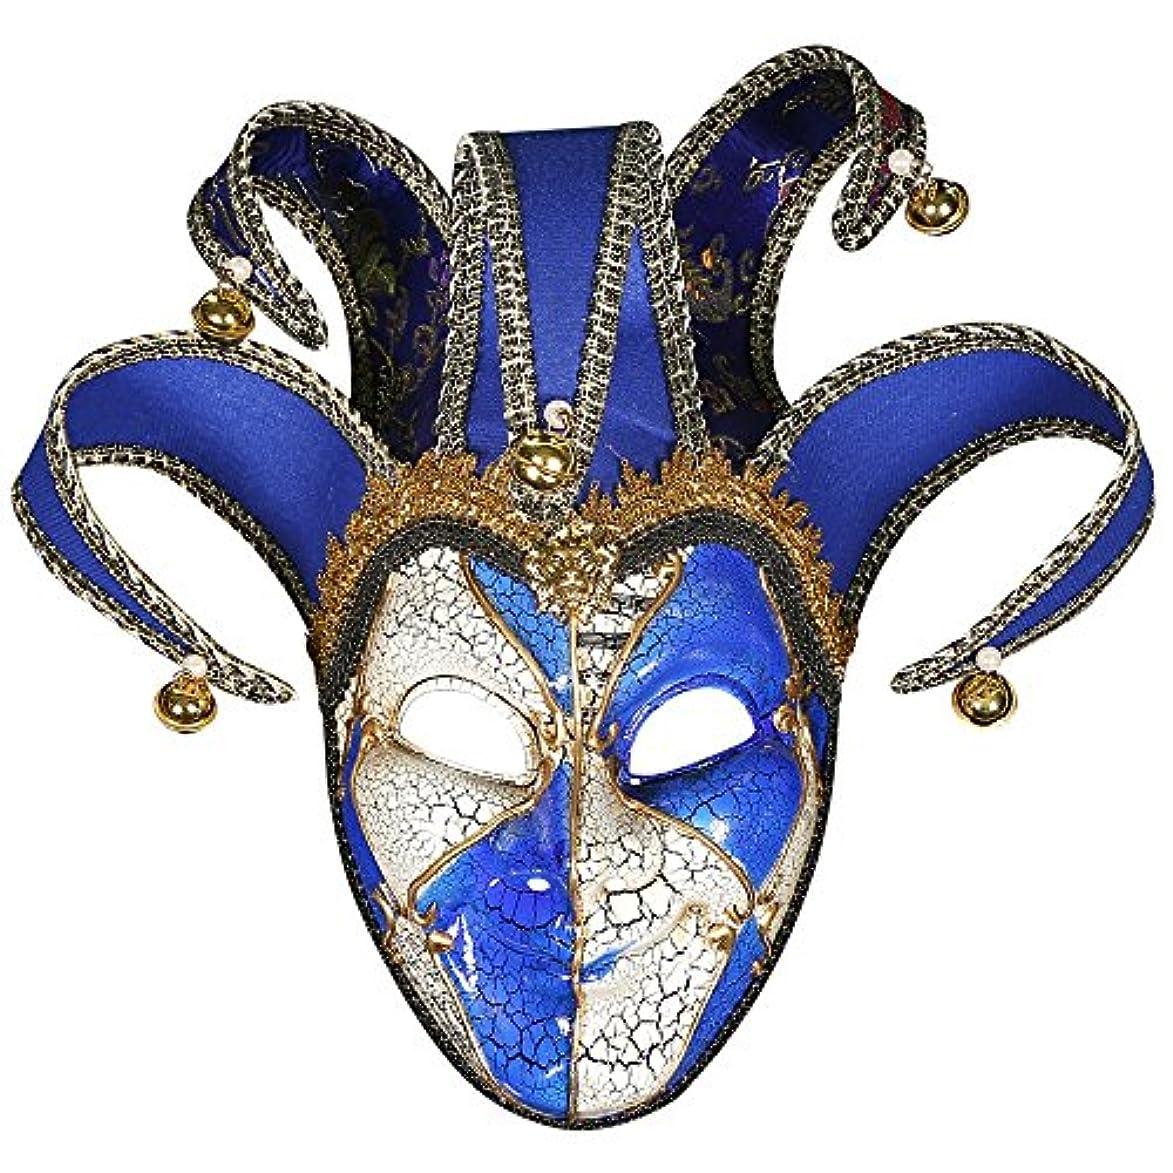 好奇心廃棄する蚊ハイエンドの美しいクラックフェスティバル仮面舞踏会マスクハロウィーン誕生日パーティーピエロマスク (Color : C)